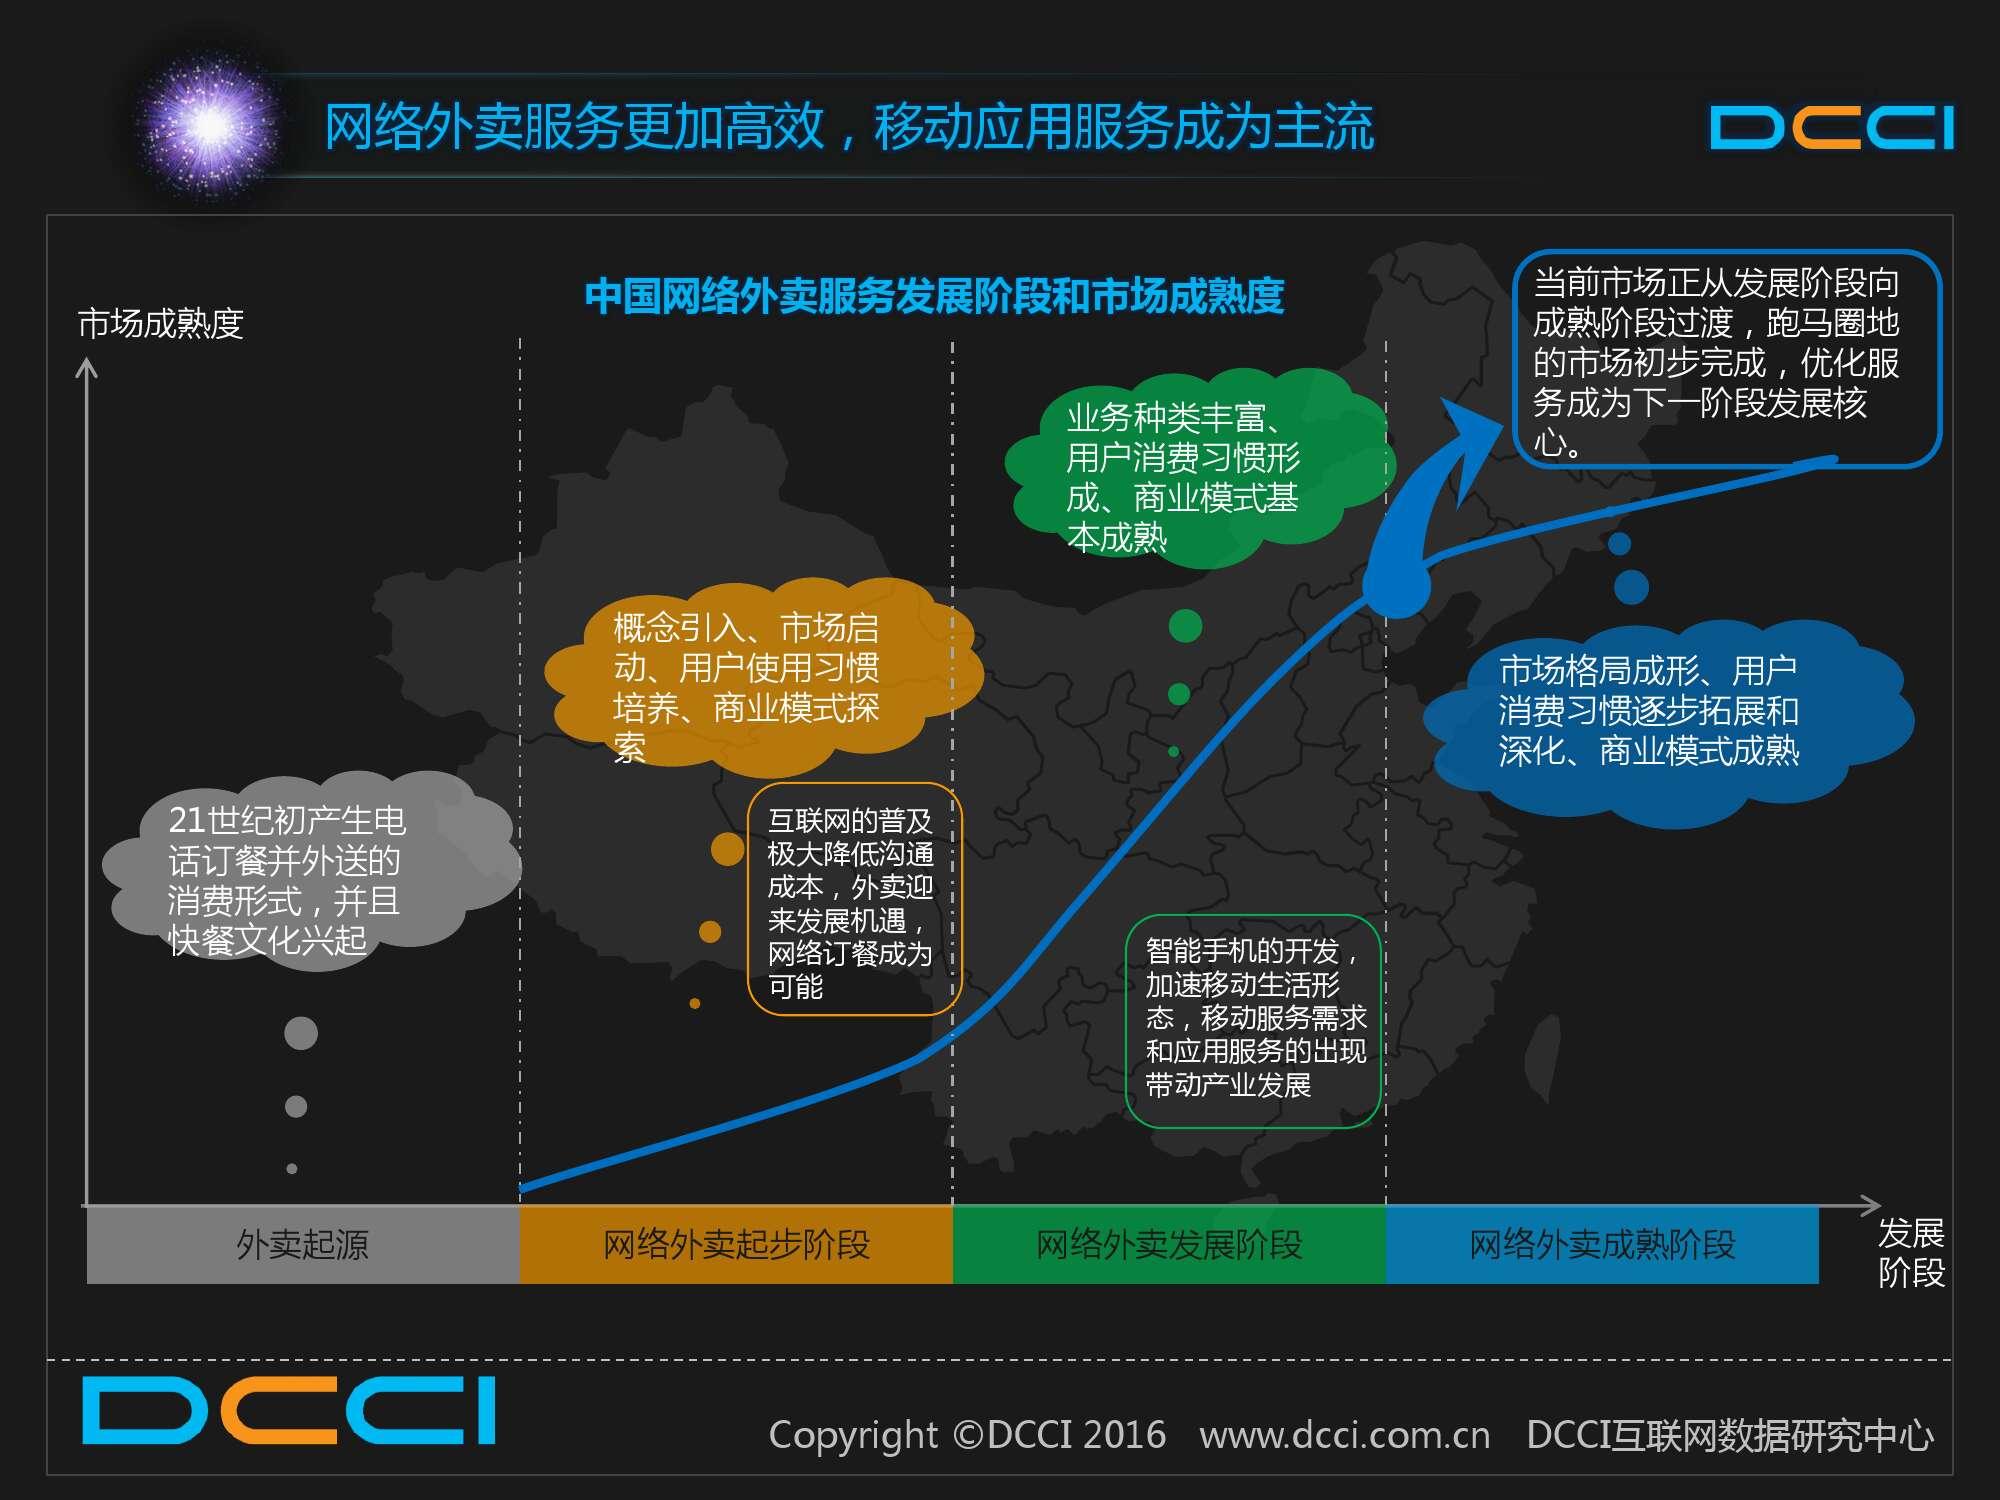 2015中国白领人群网络外卖服务研究报告_000010